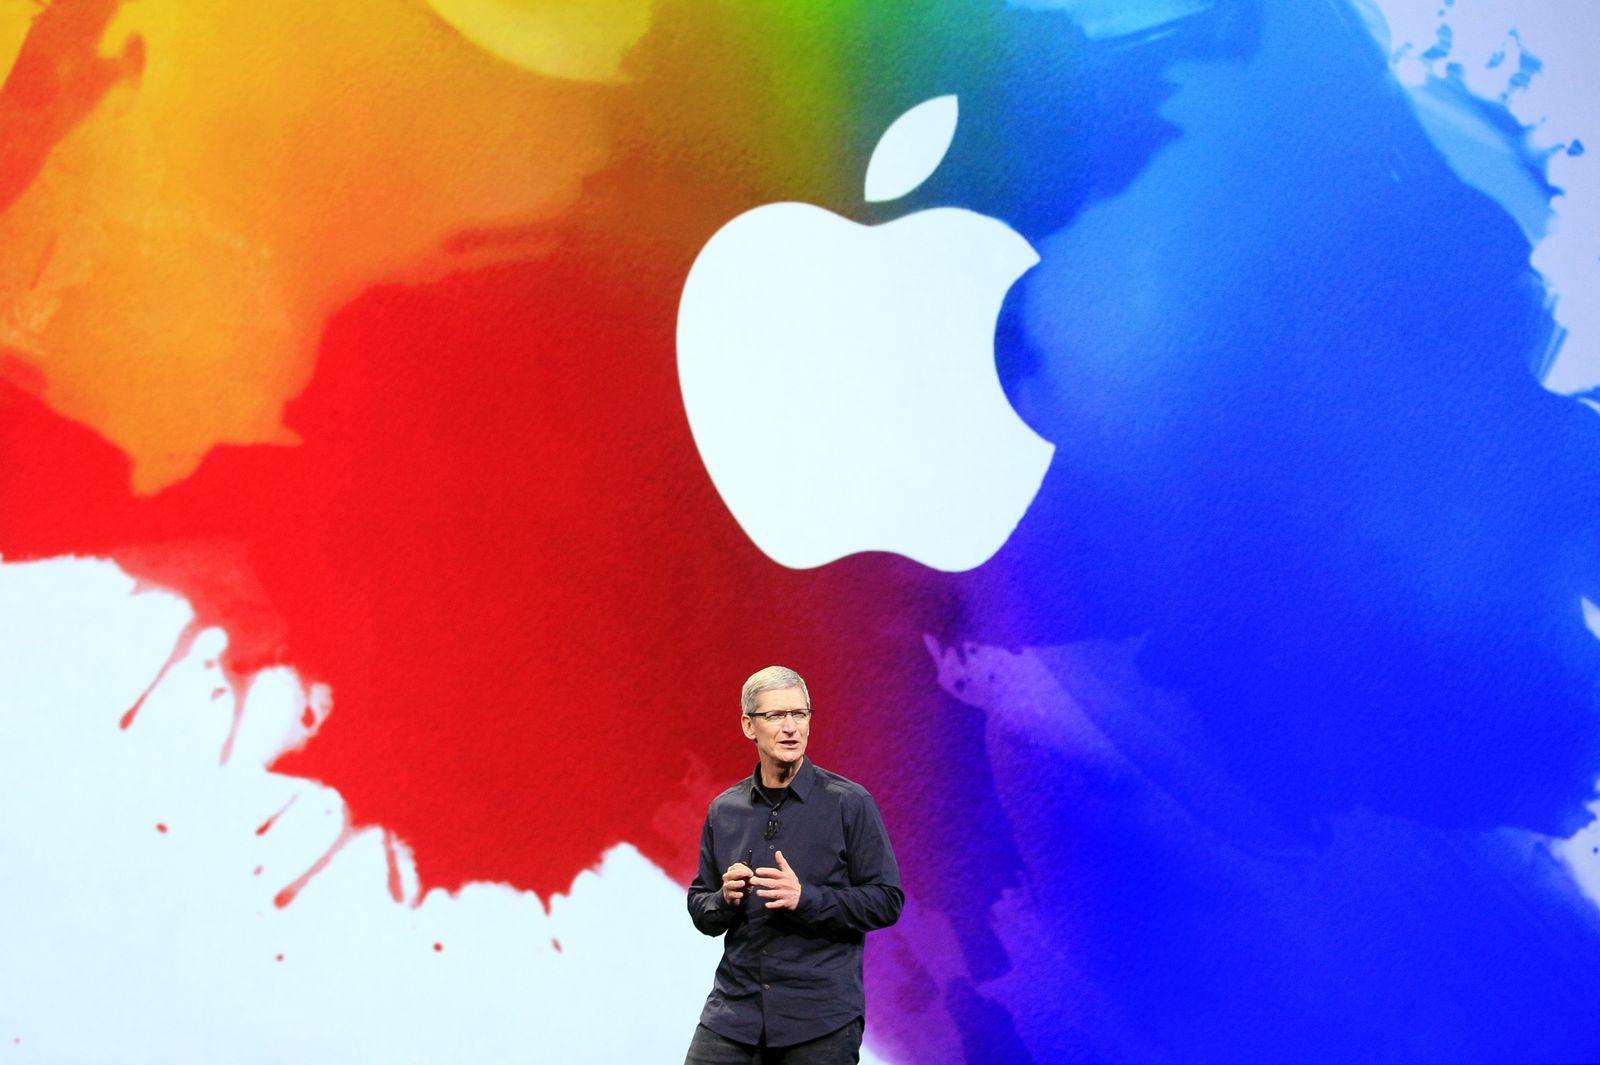 Apple iPad / Tim Cook